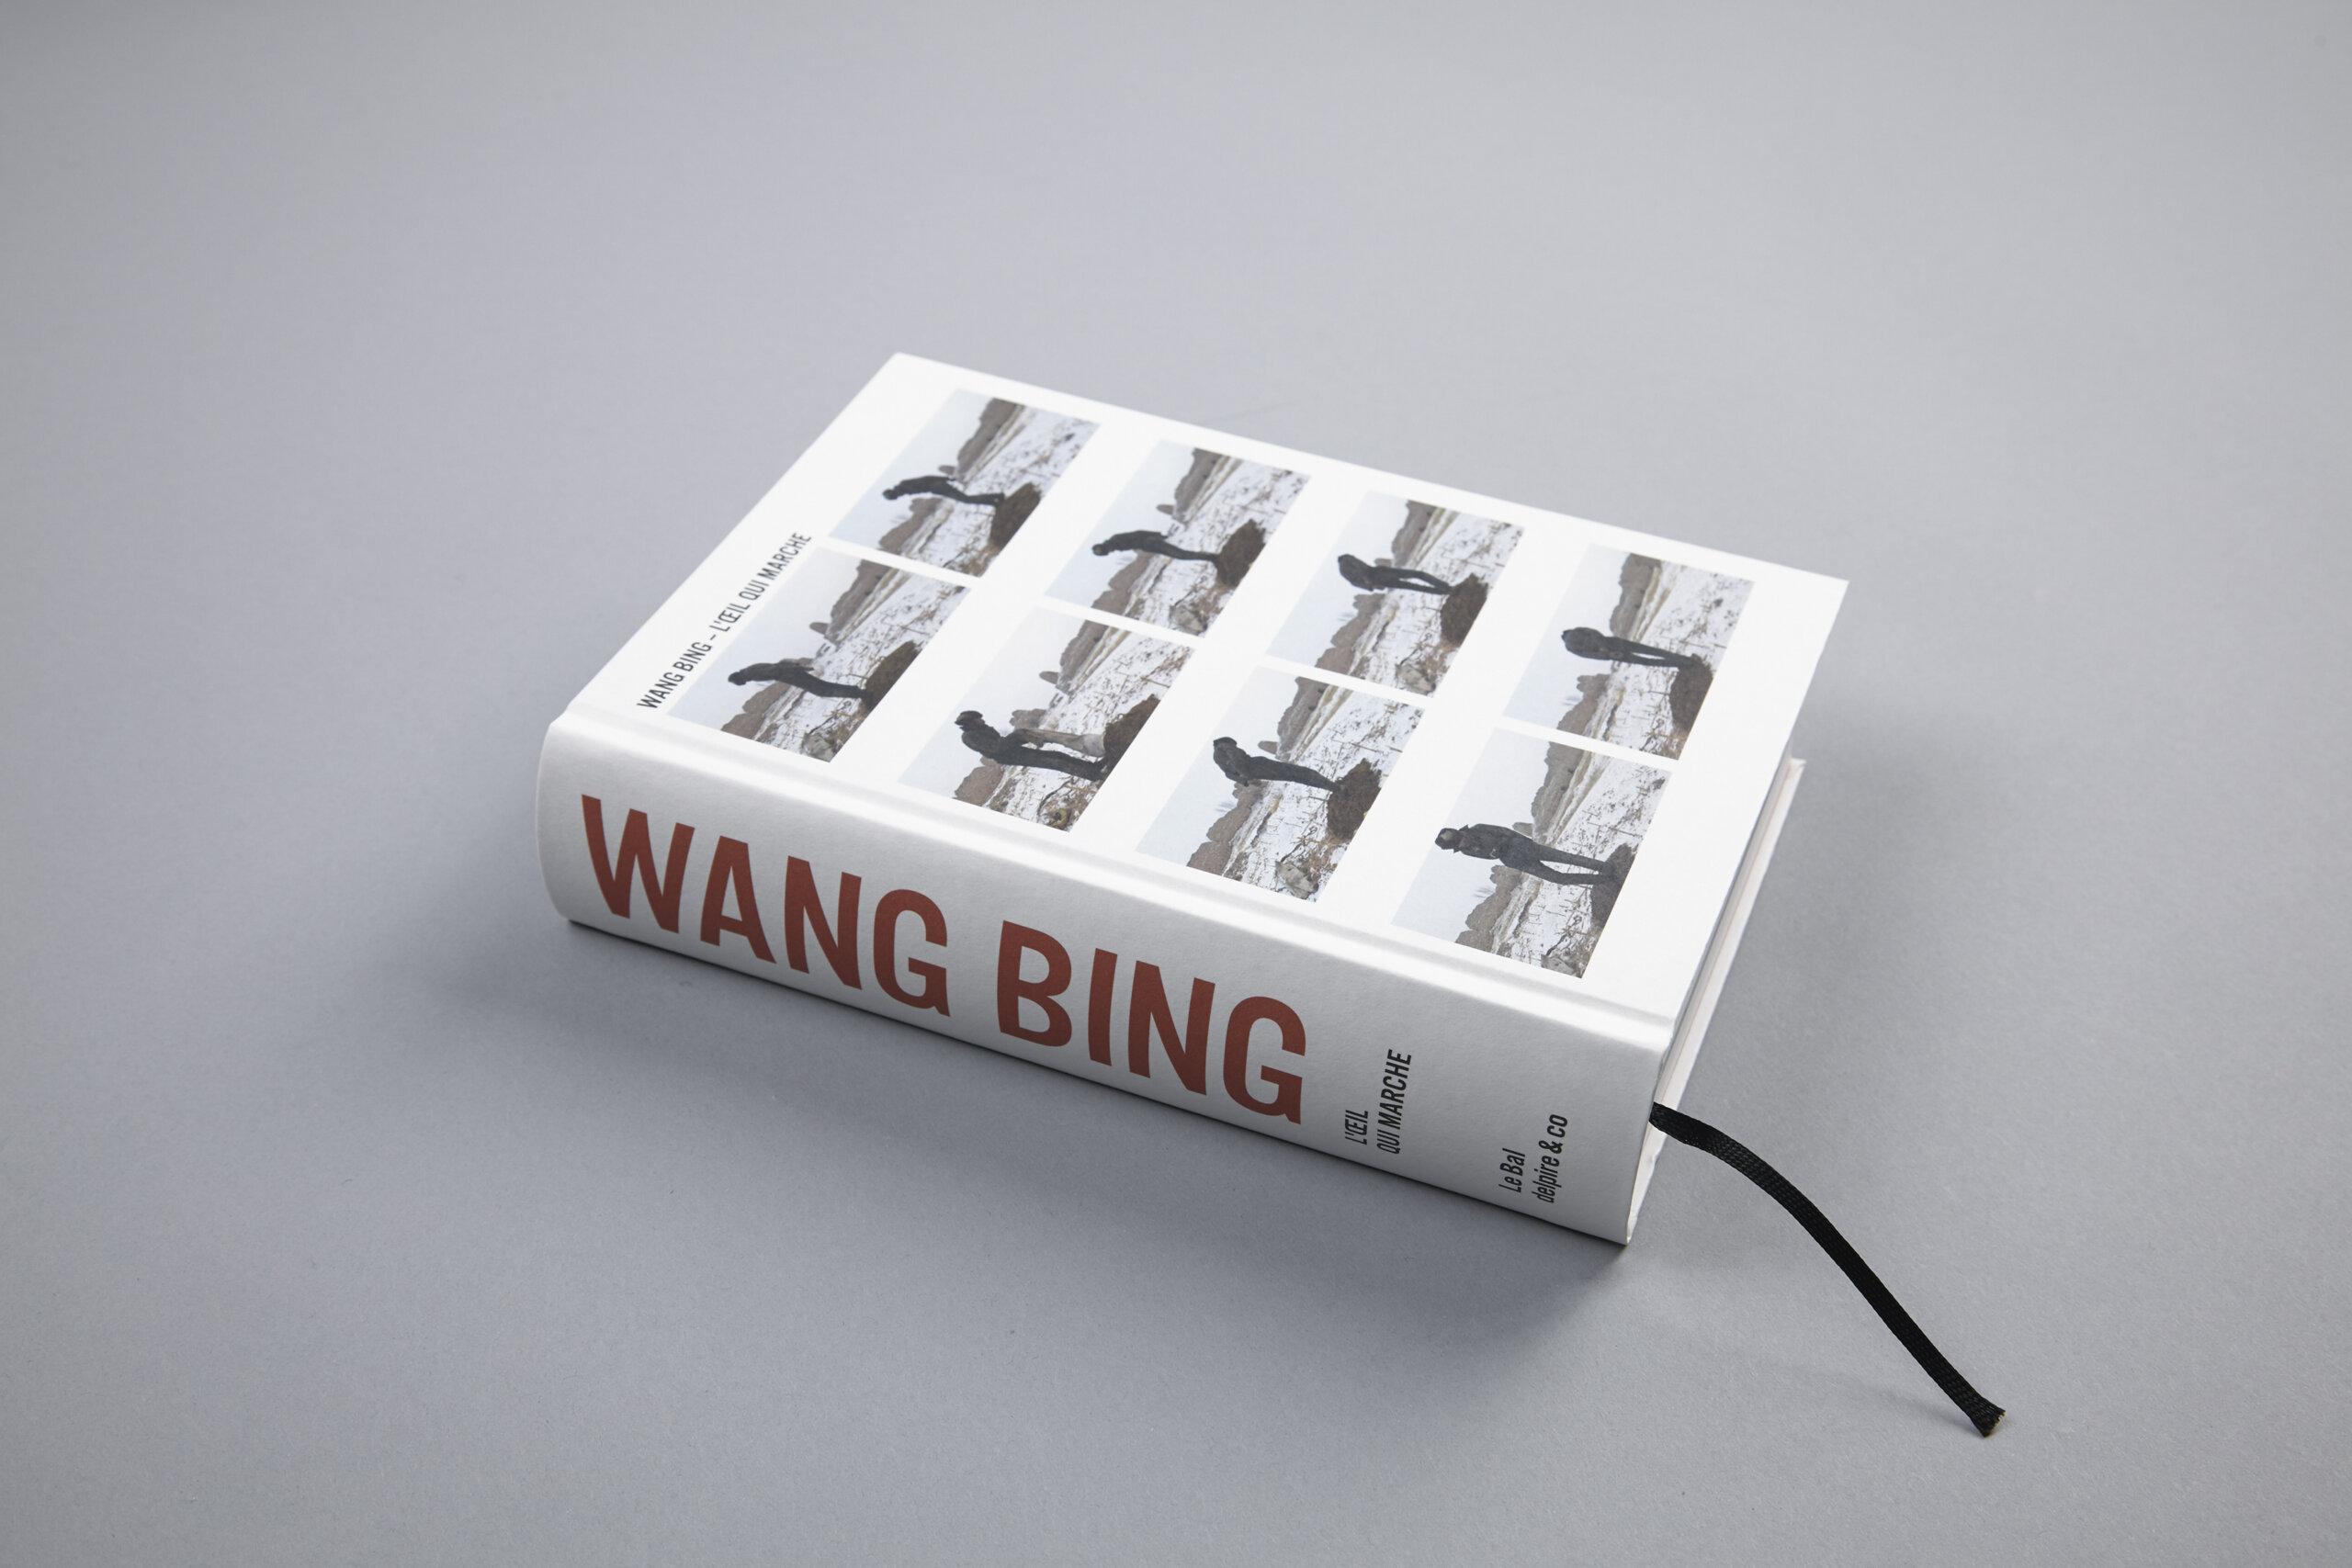 wang-bing-loeilquimarche-delpire-co-1